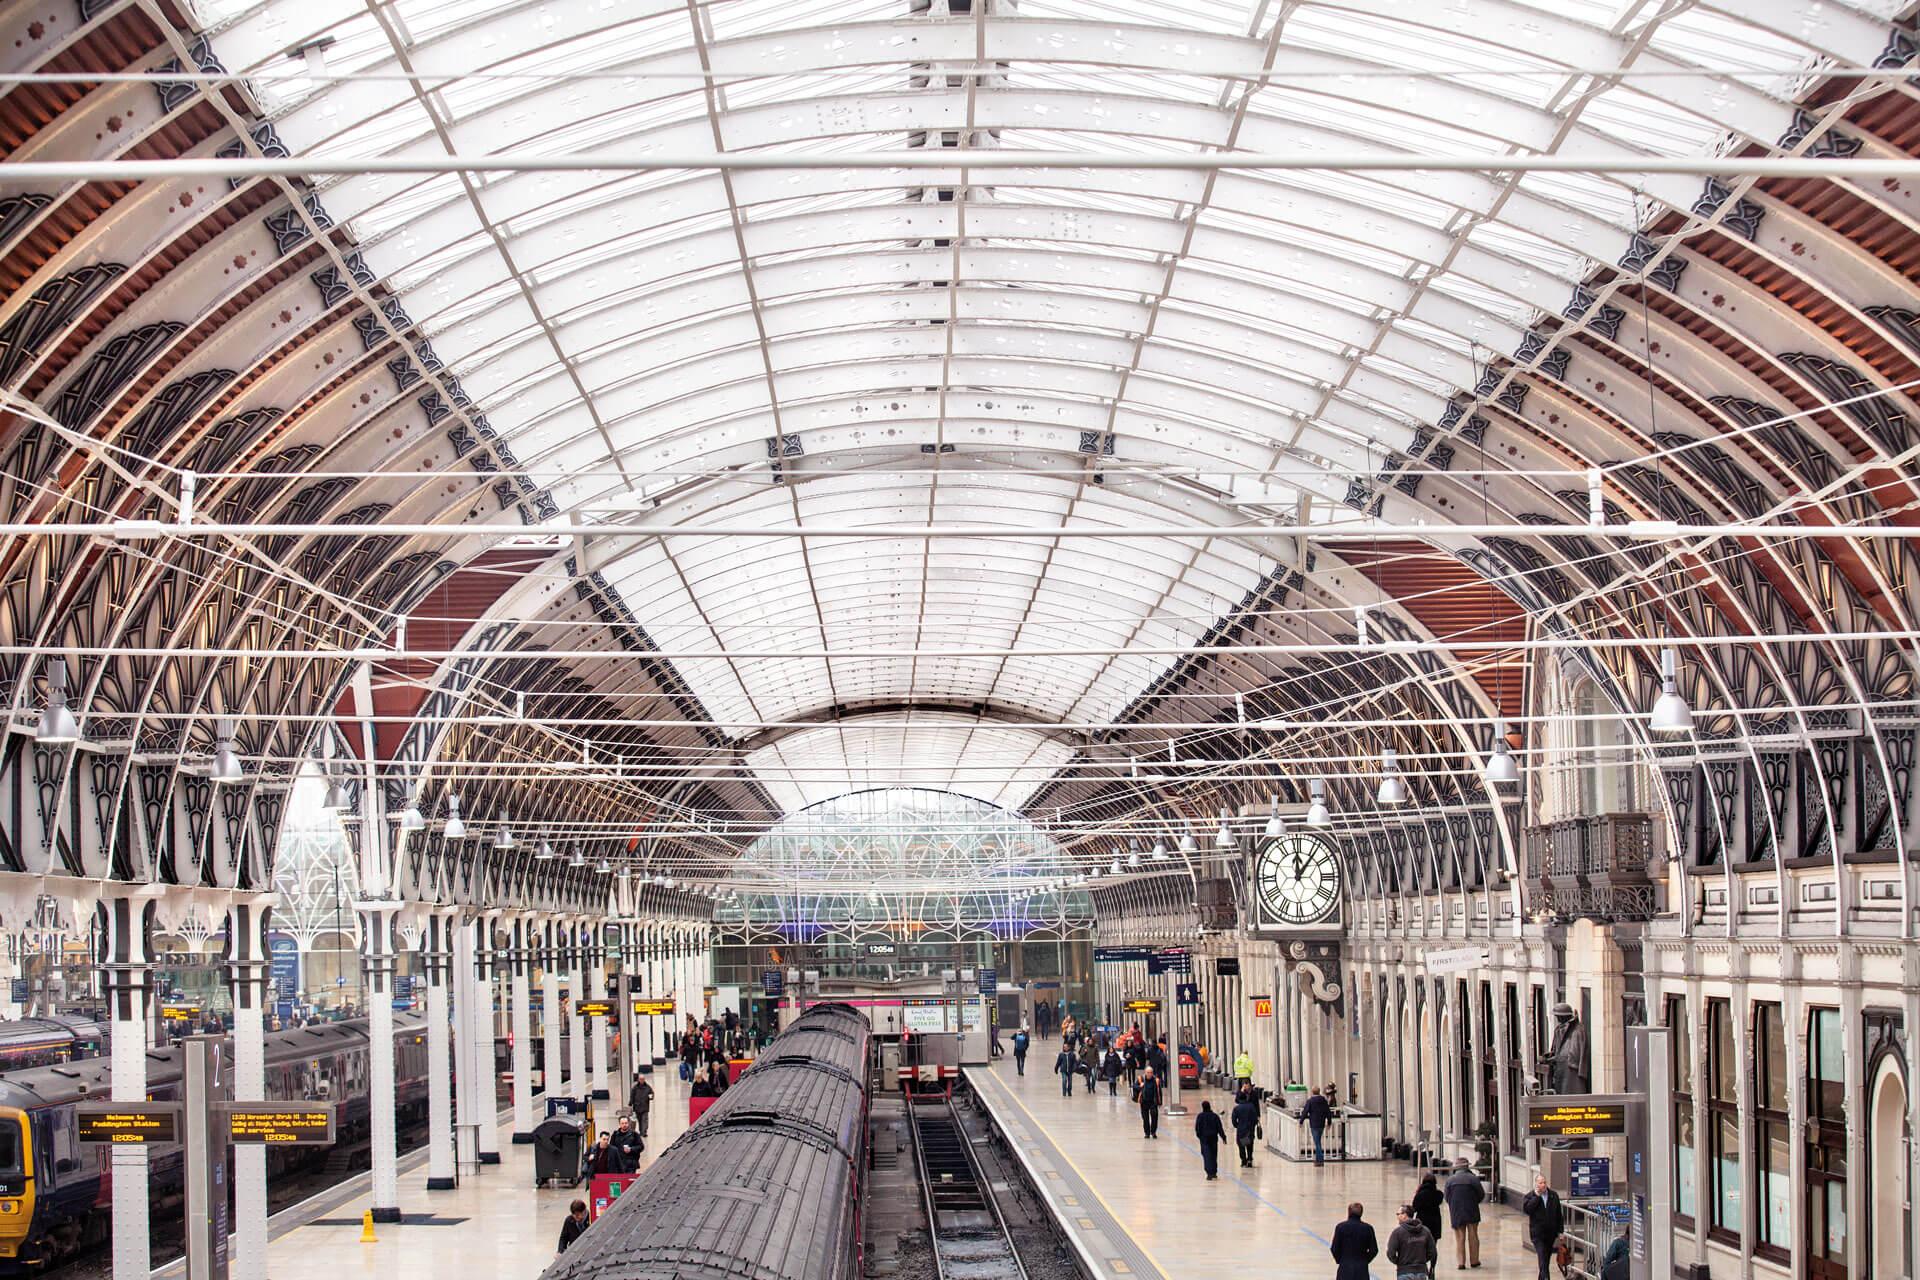 Paddington Station Image